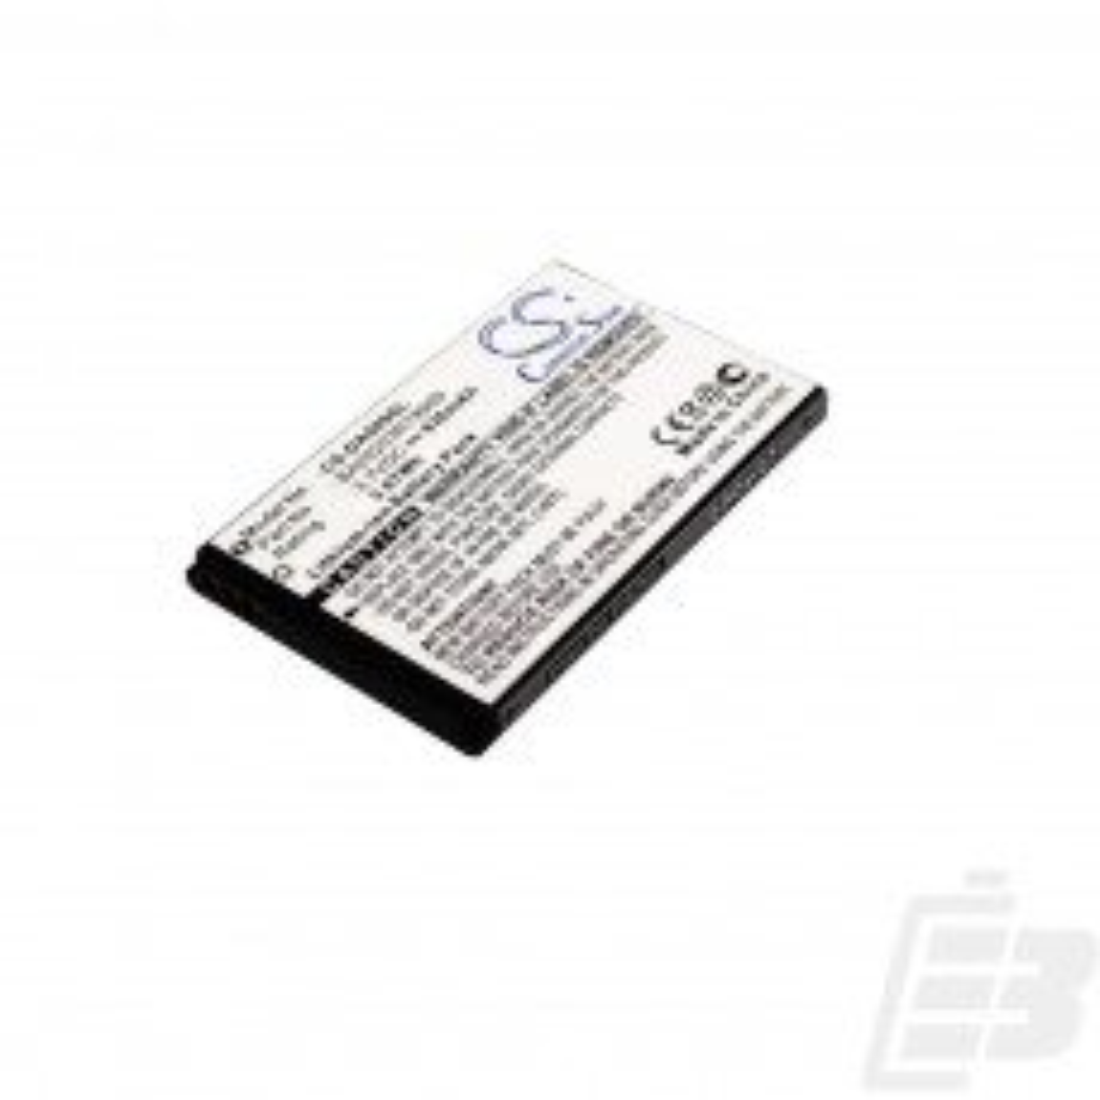 Μπαταρία MP3 Creative Zen Micro Photo_1